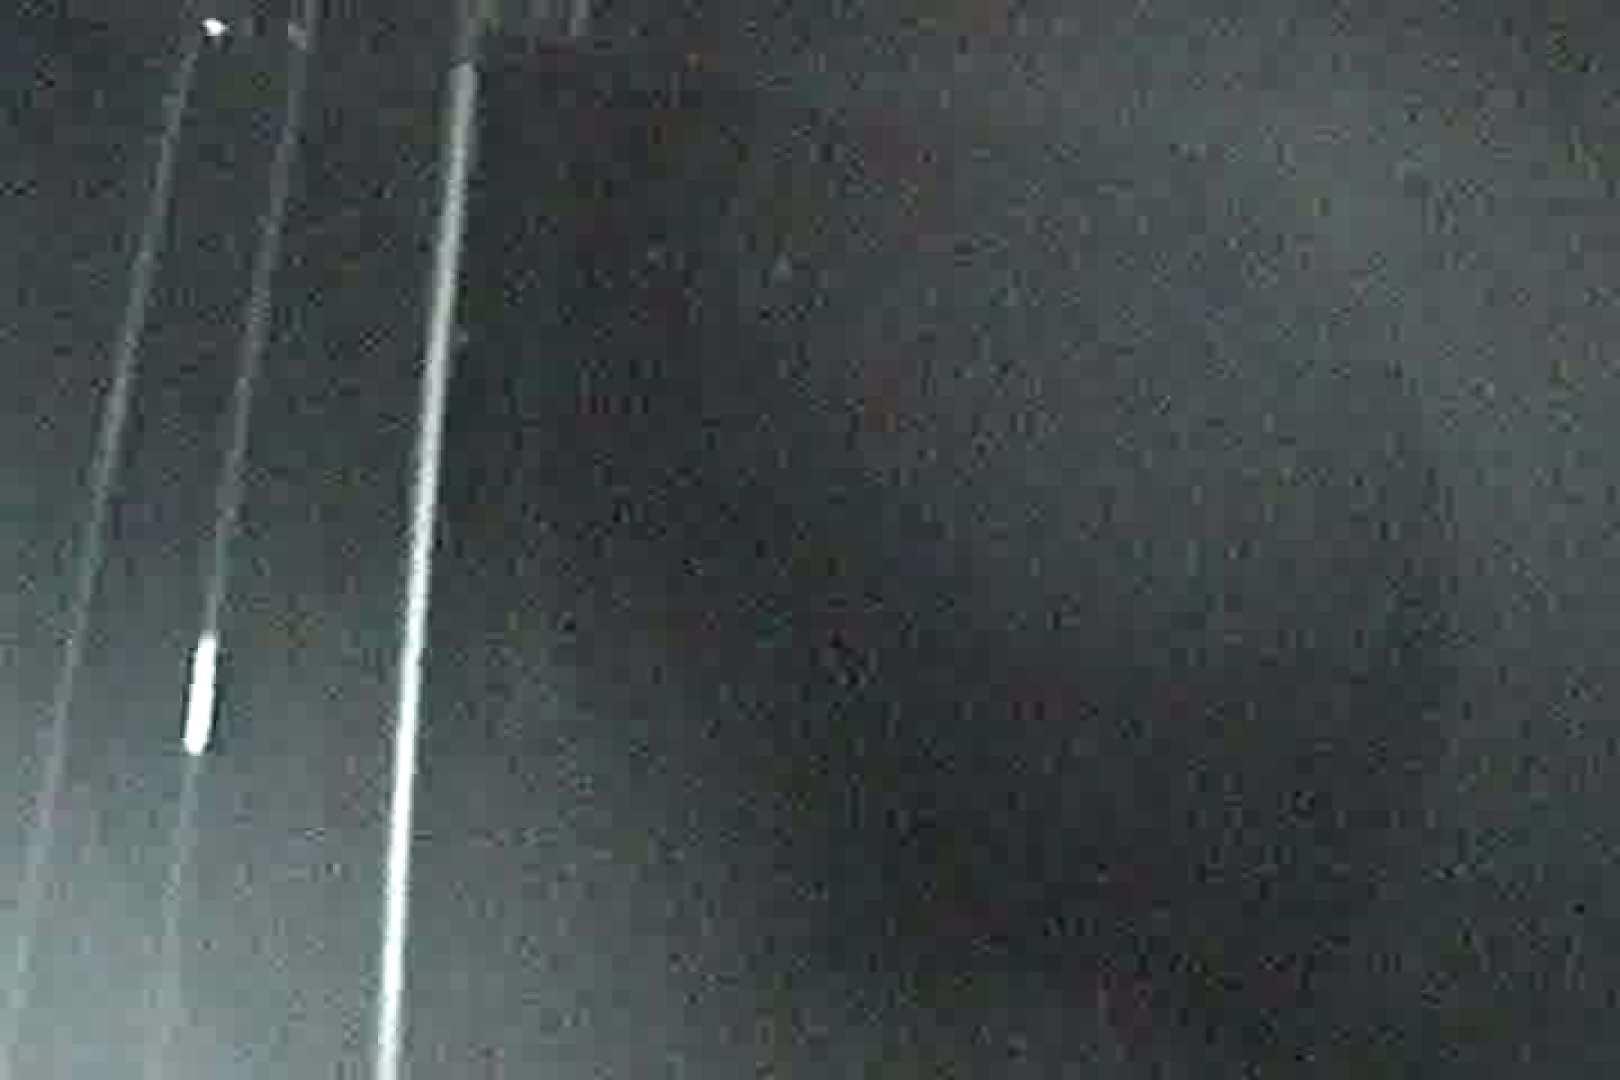 充血監督の深夜の運動会Vol.3 カップルのセックス ぱこり動画紹介 108PIX 2